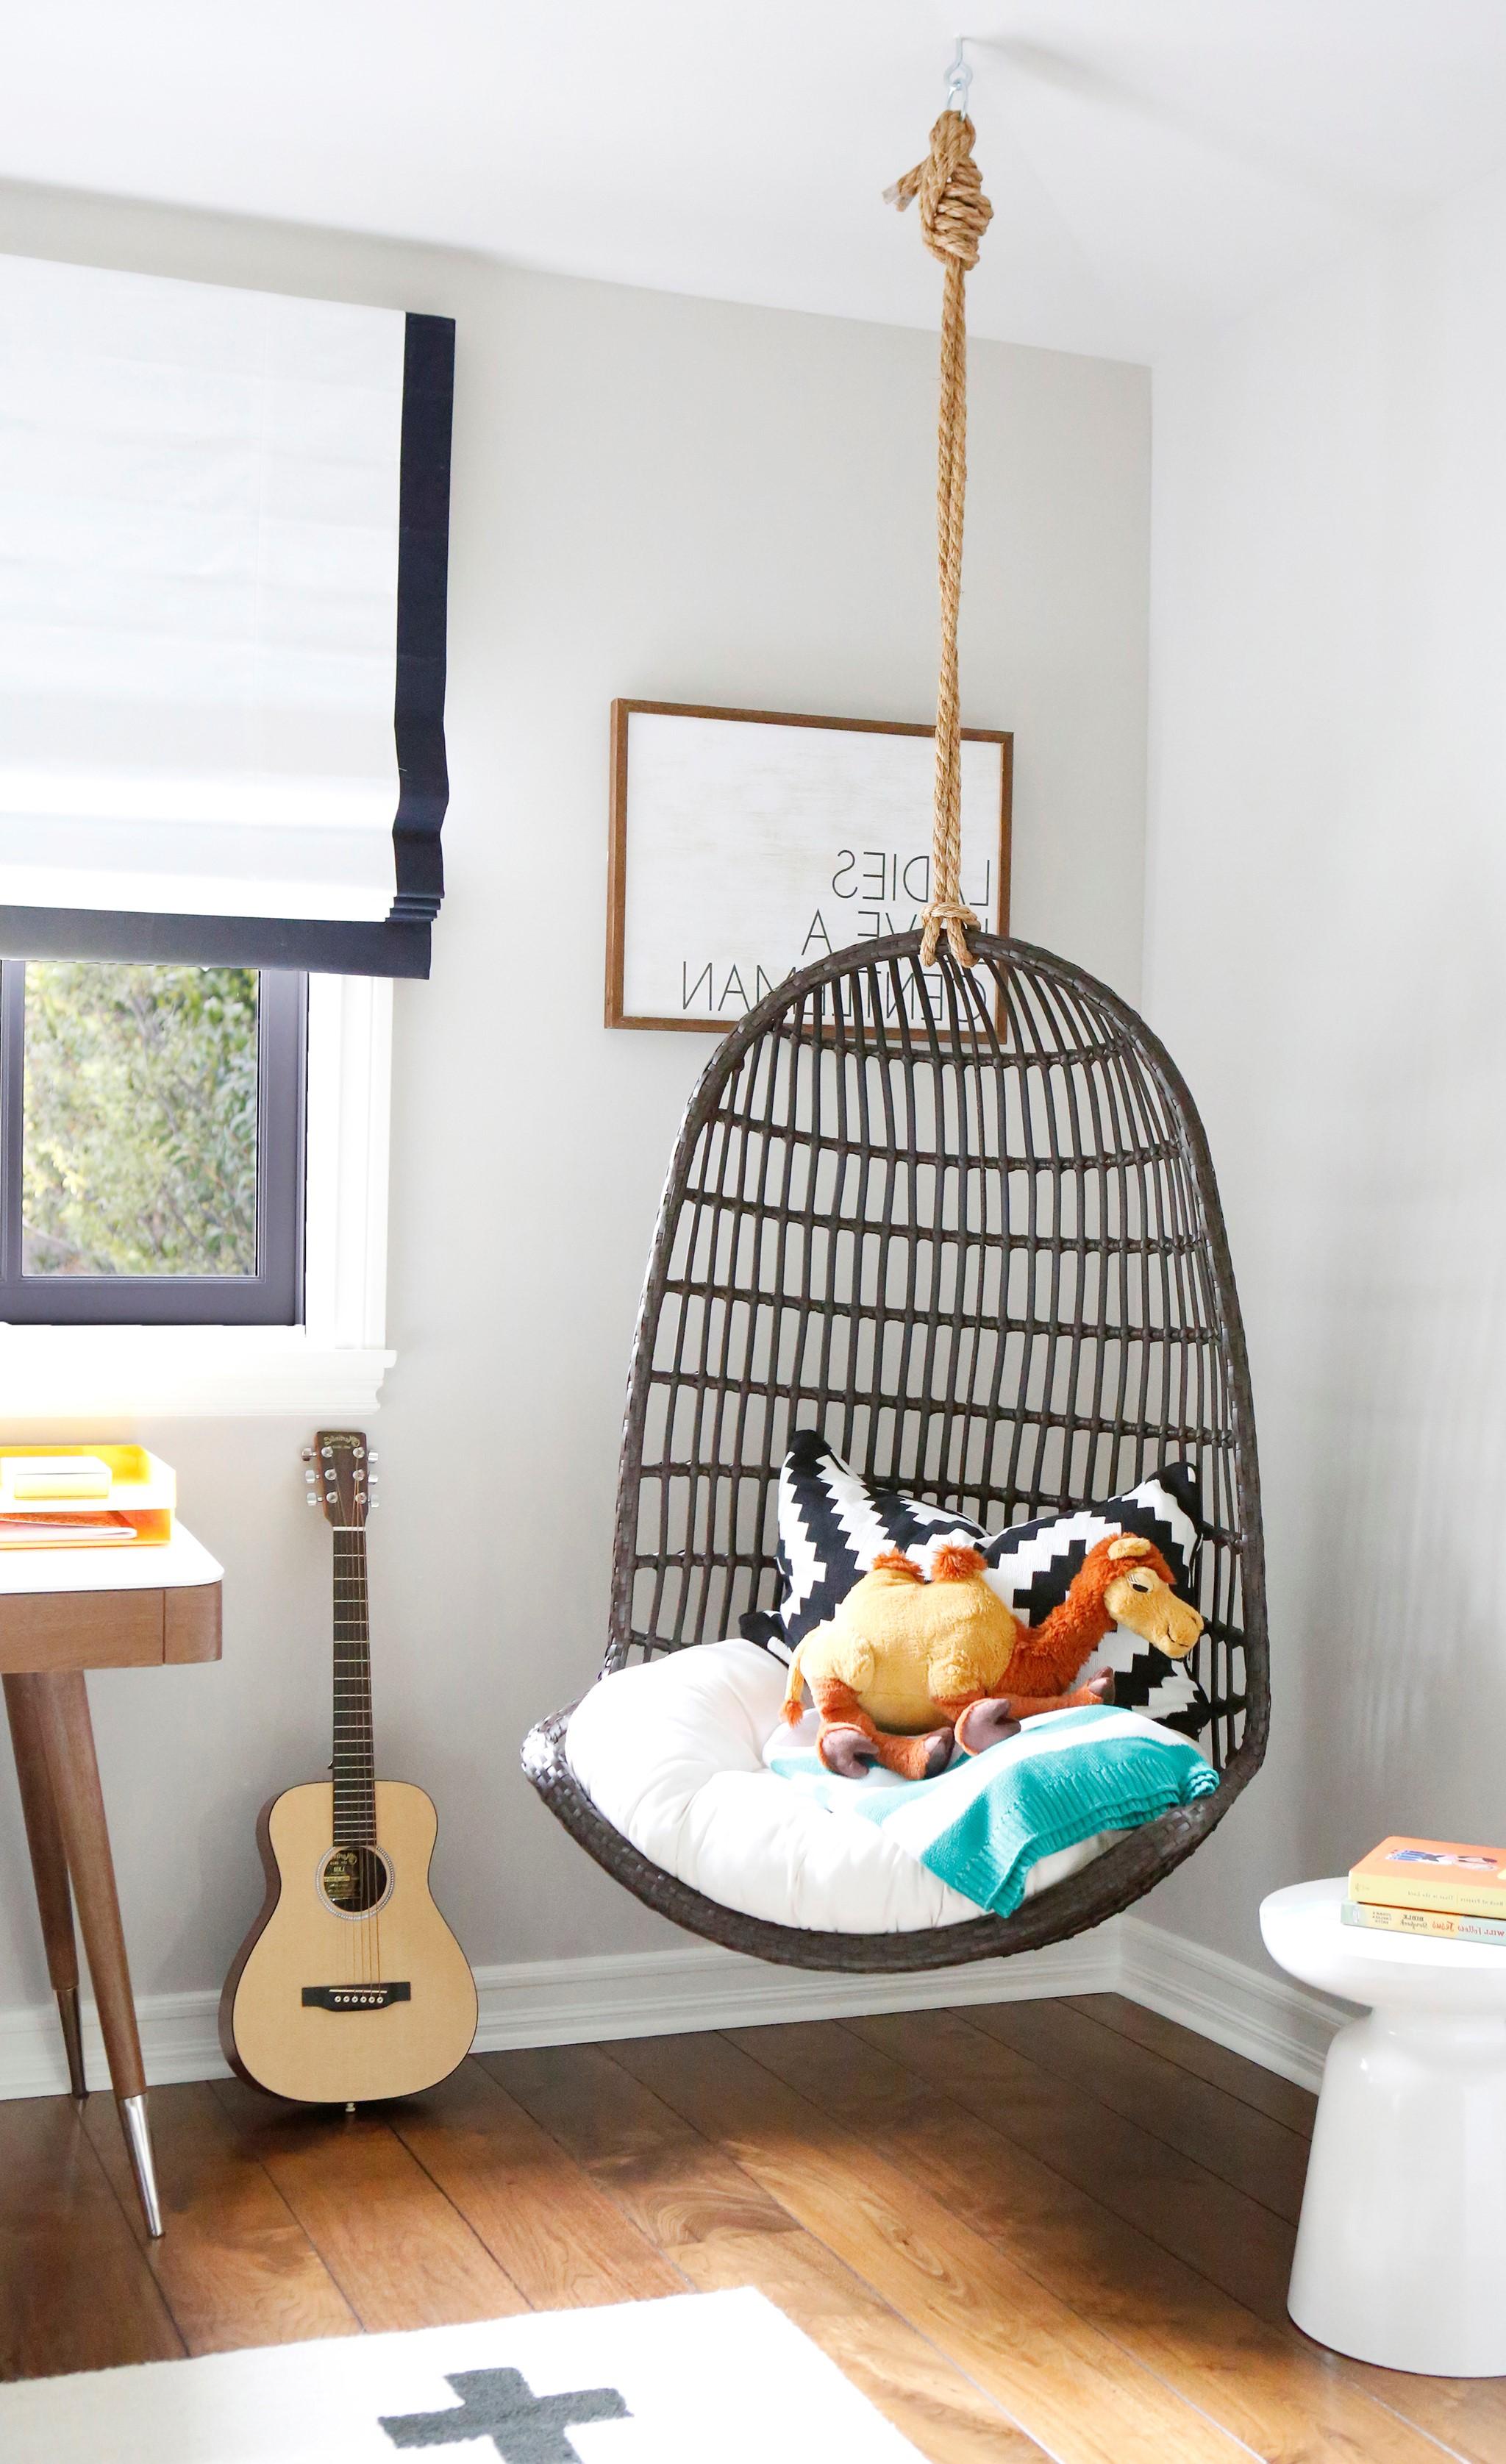 Cadeau de Noël pour fille: chaise suspendue moderne.